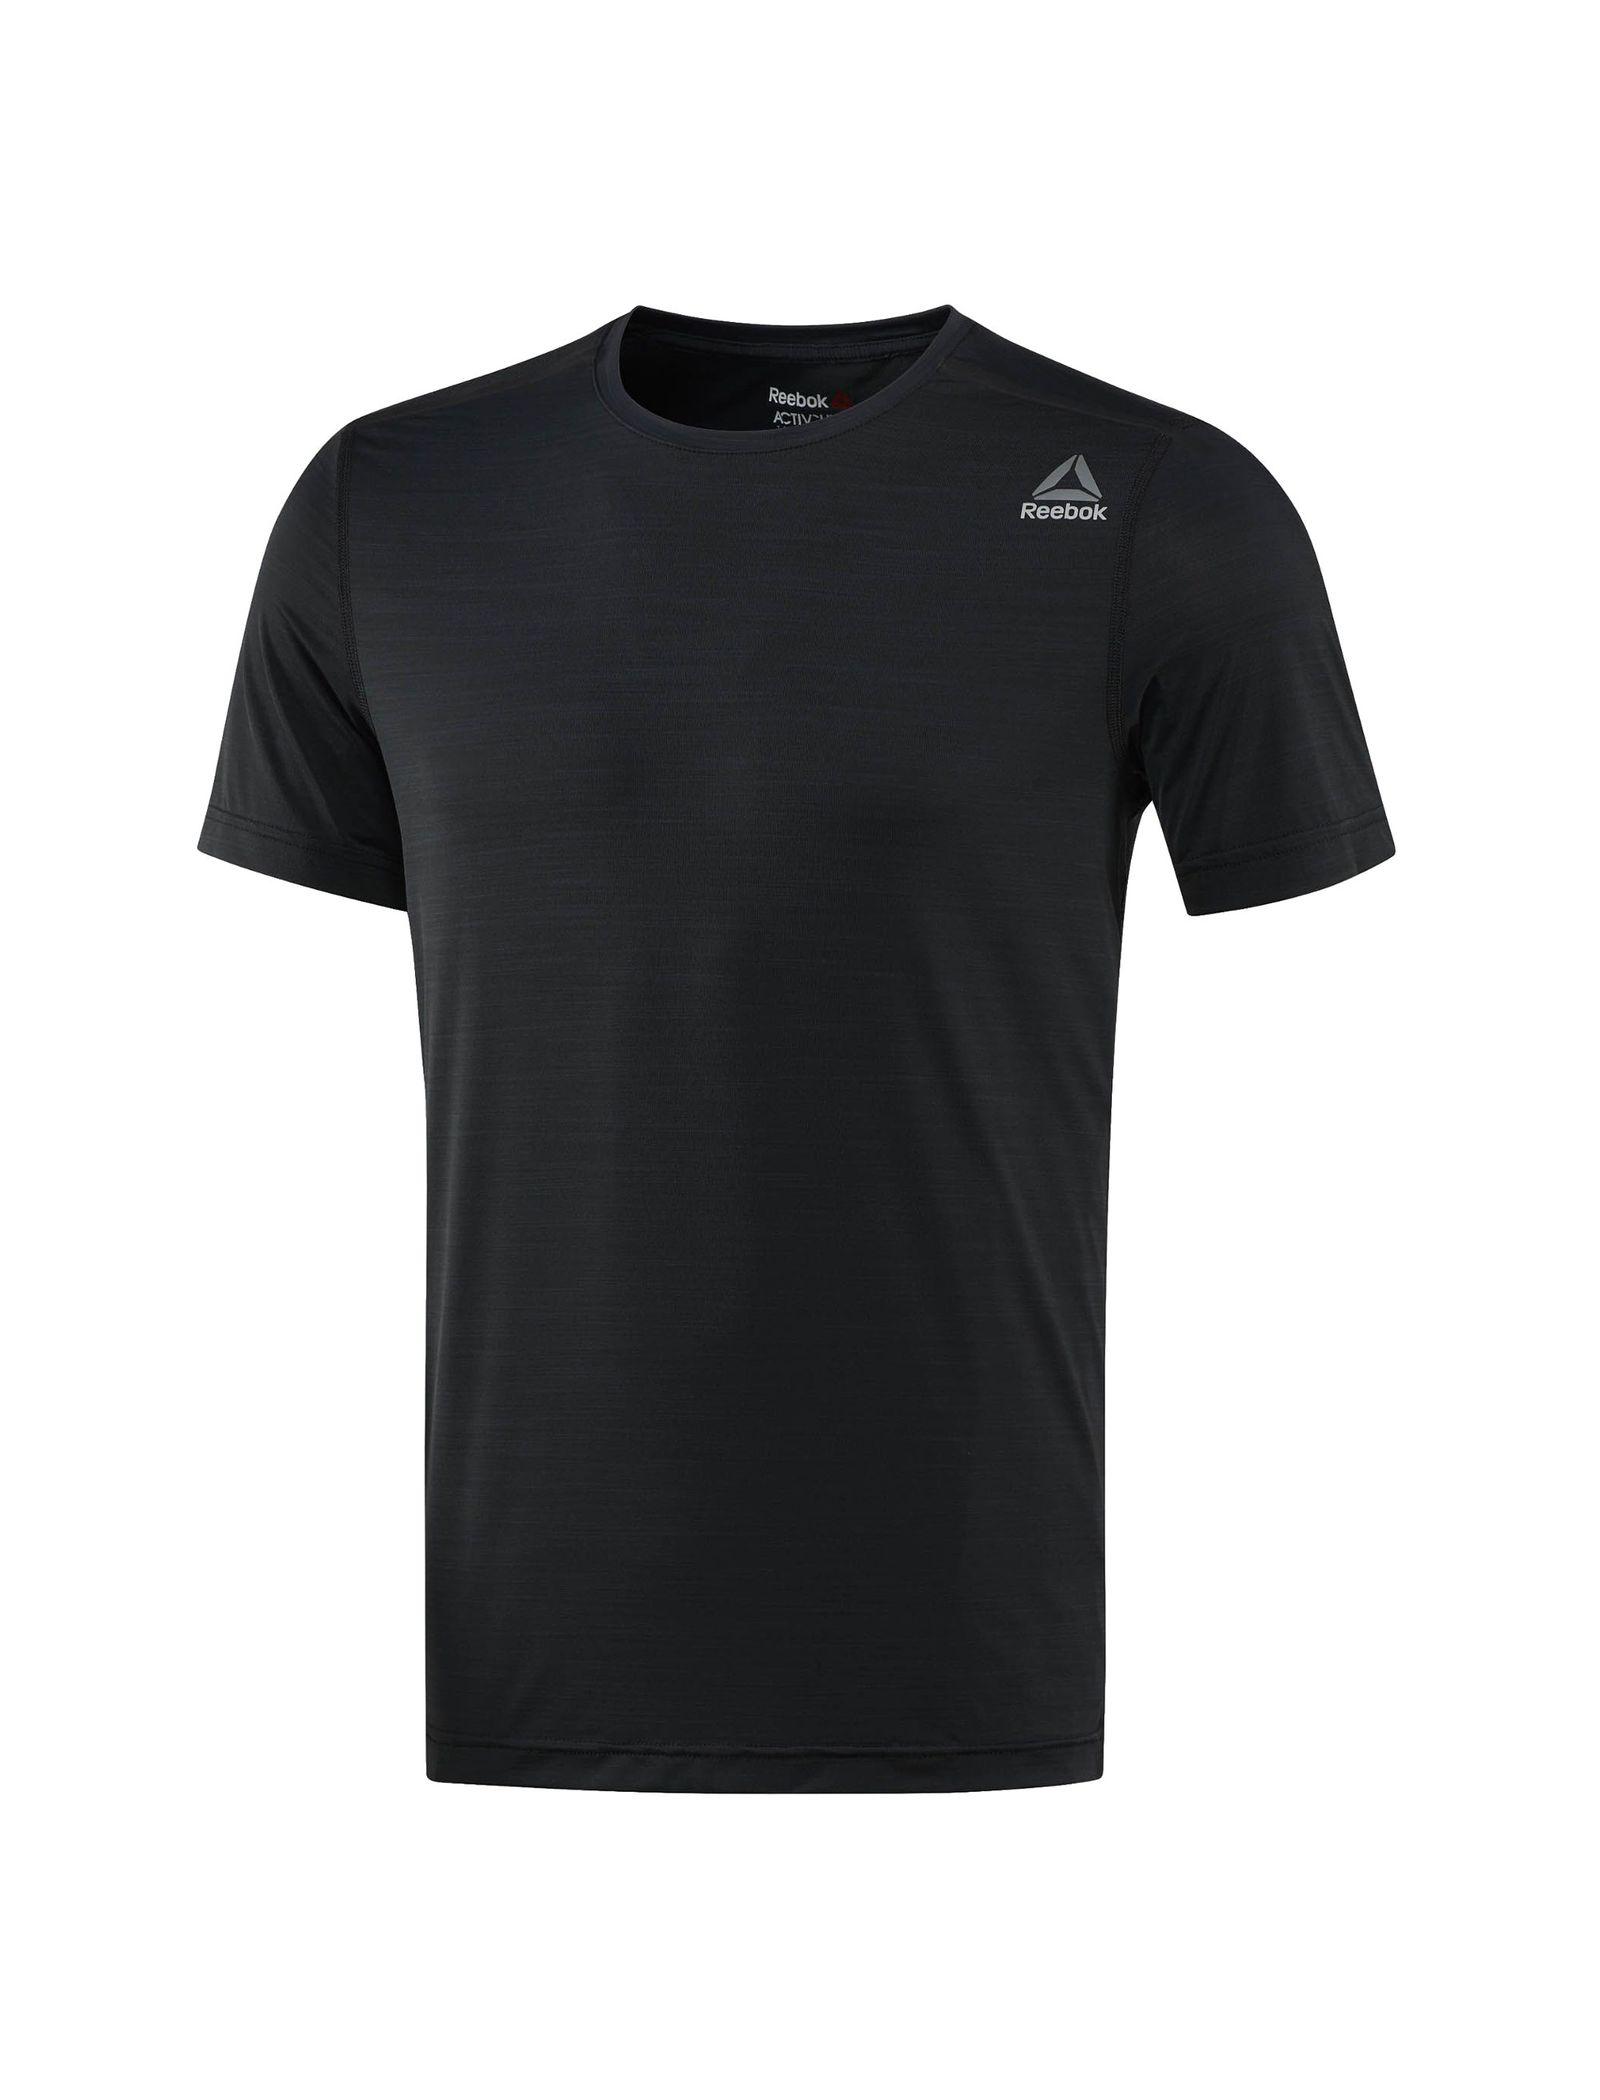 تی شرت ورزشی یقه گرد مردانه ACTIVCHILL - ریباک - مشکي - 1